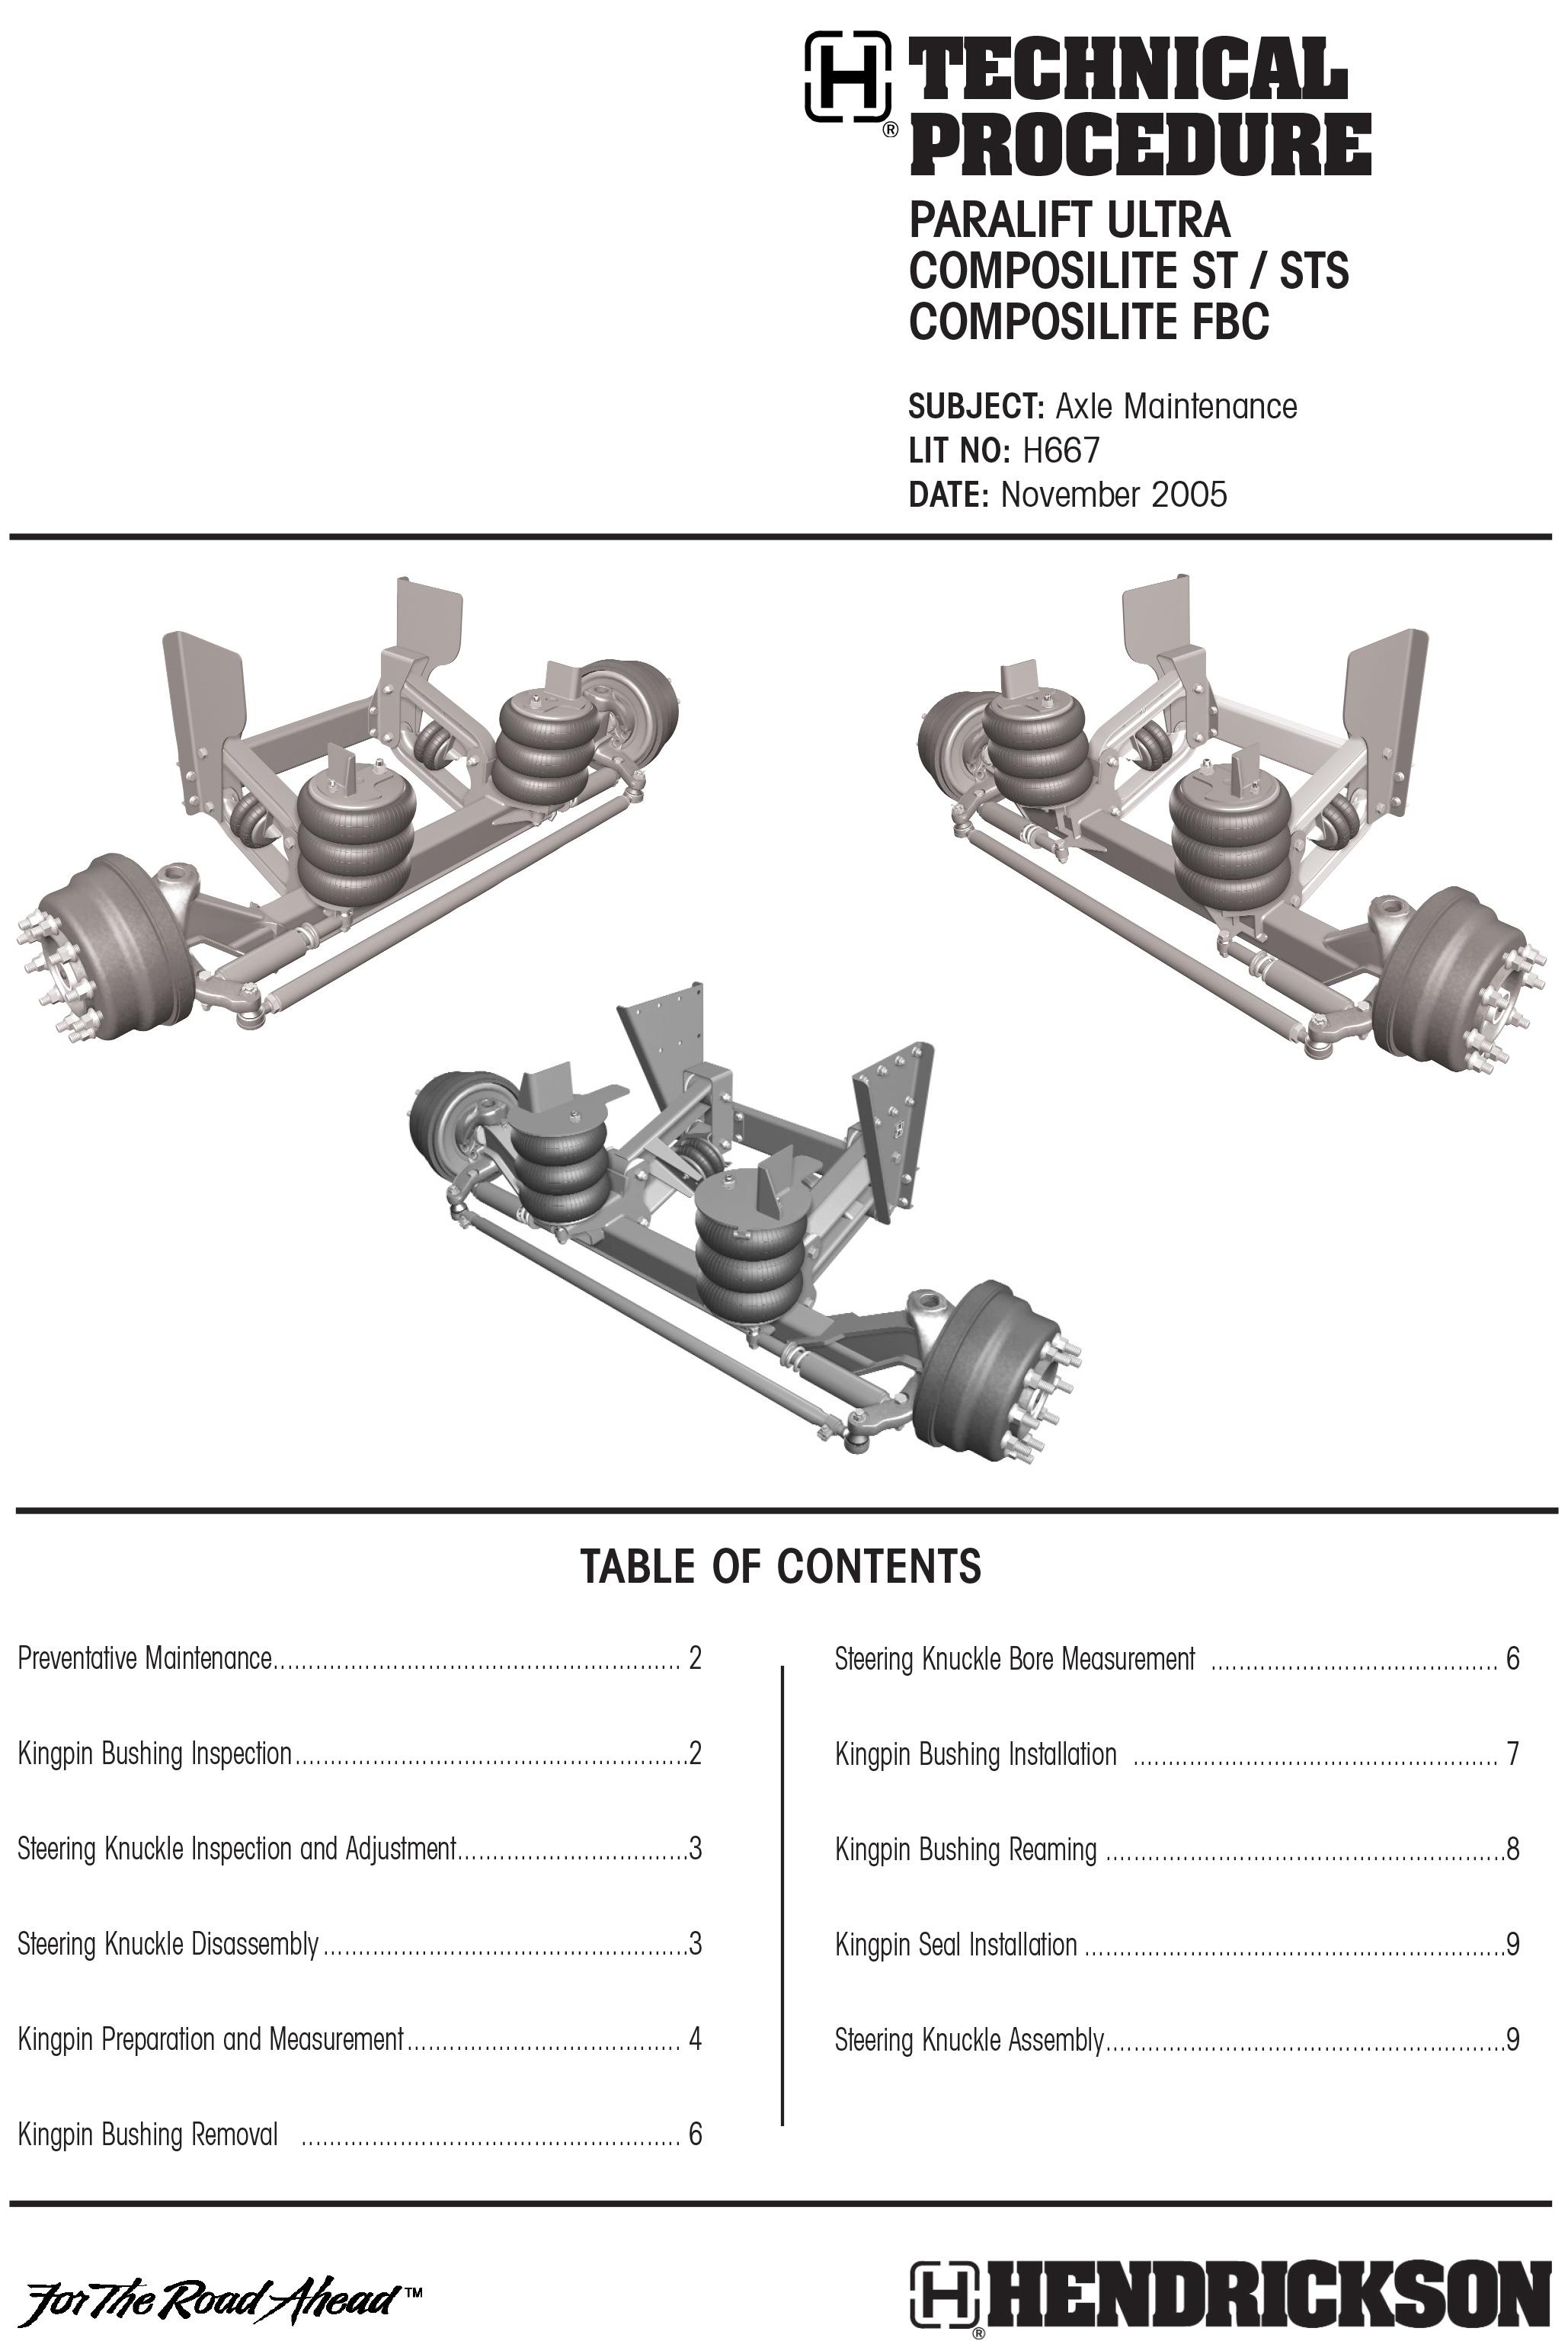 hendrickson-13.2-axle-maintenance.jpg